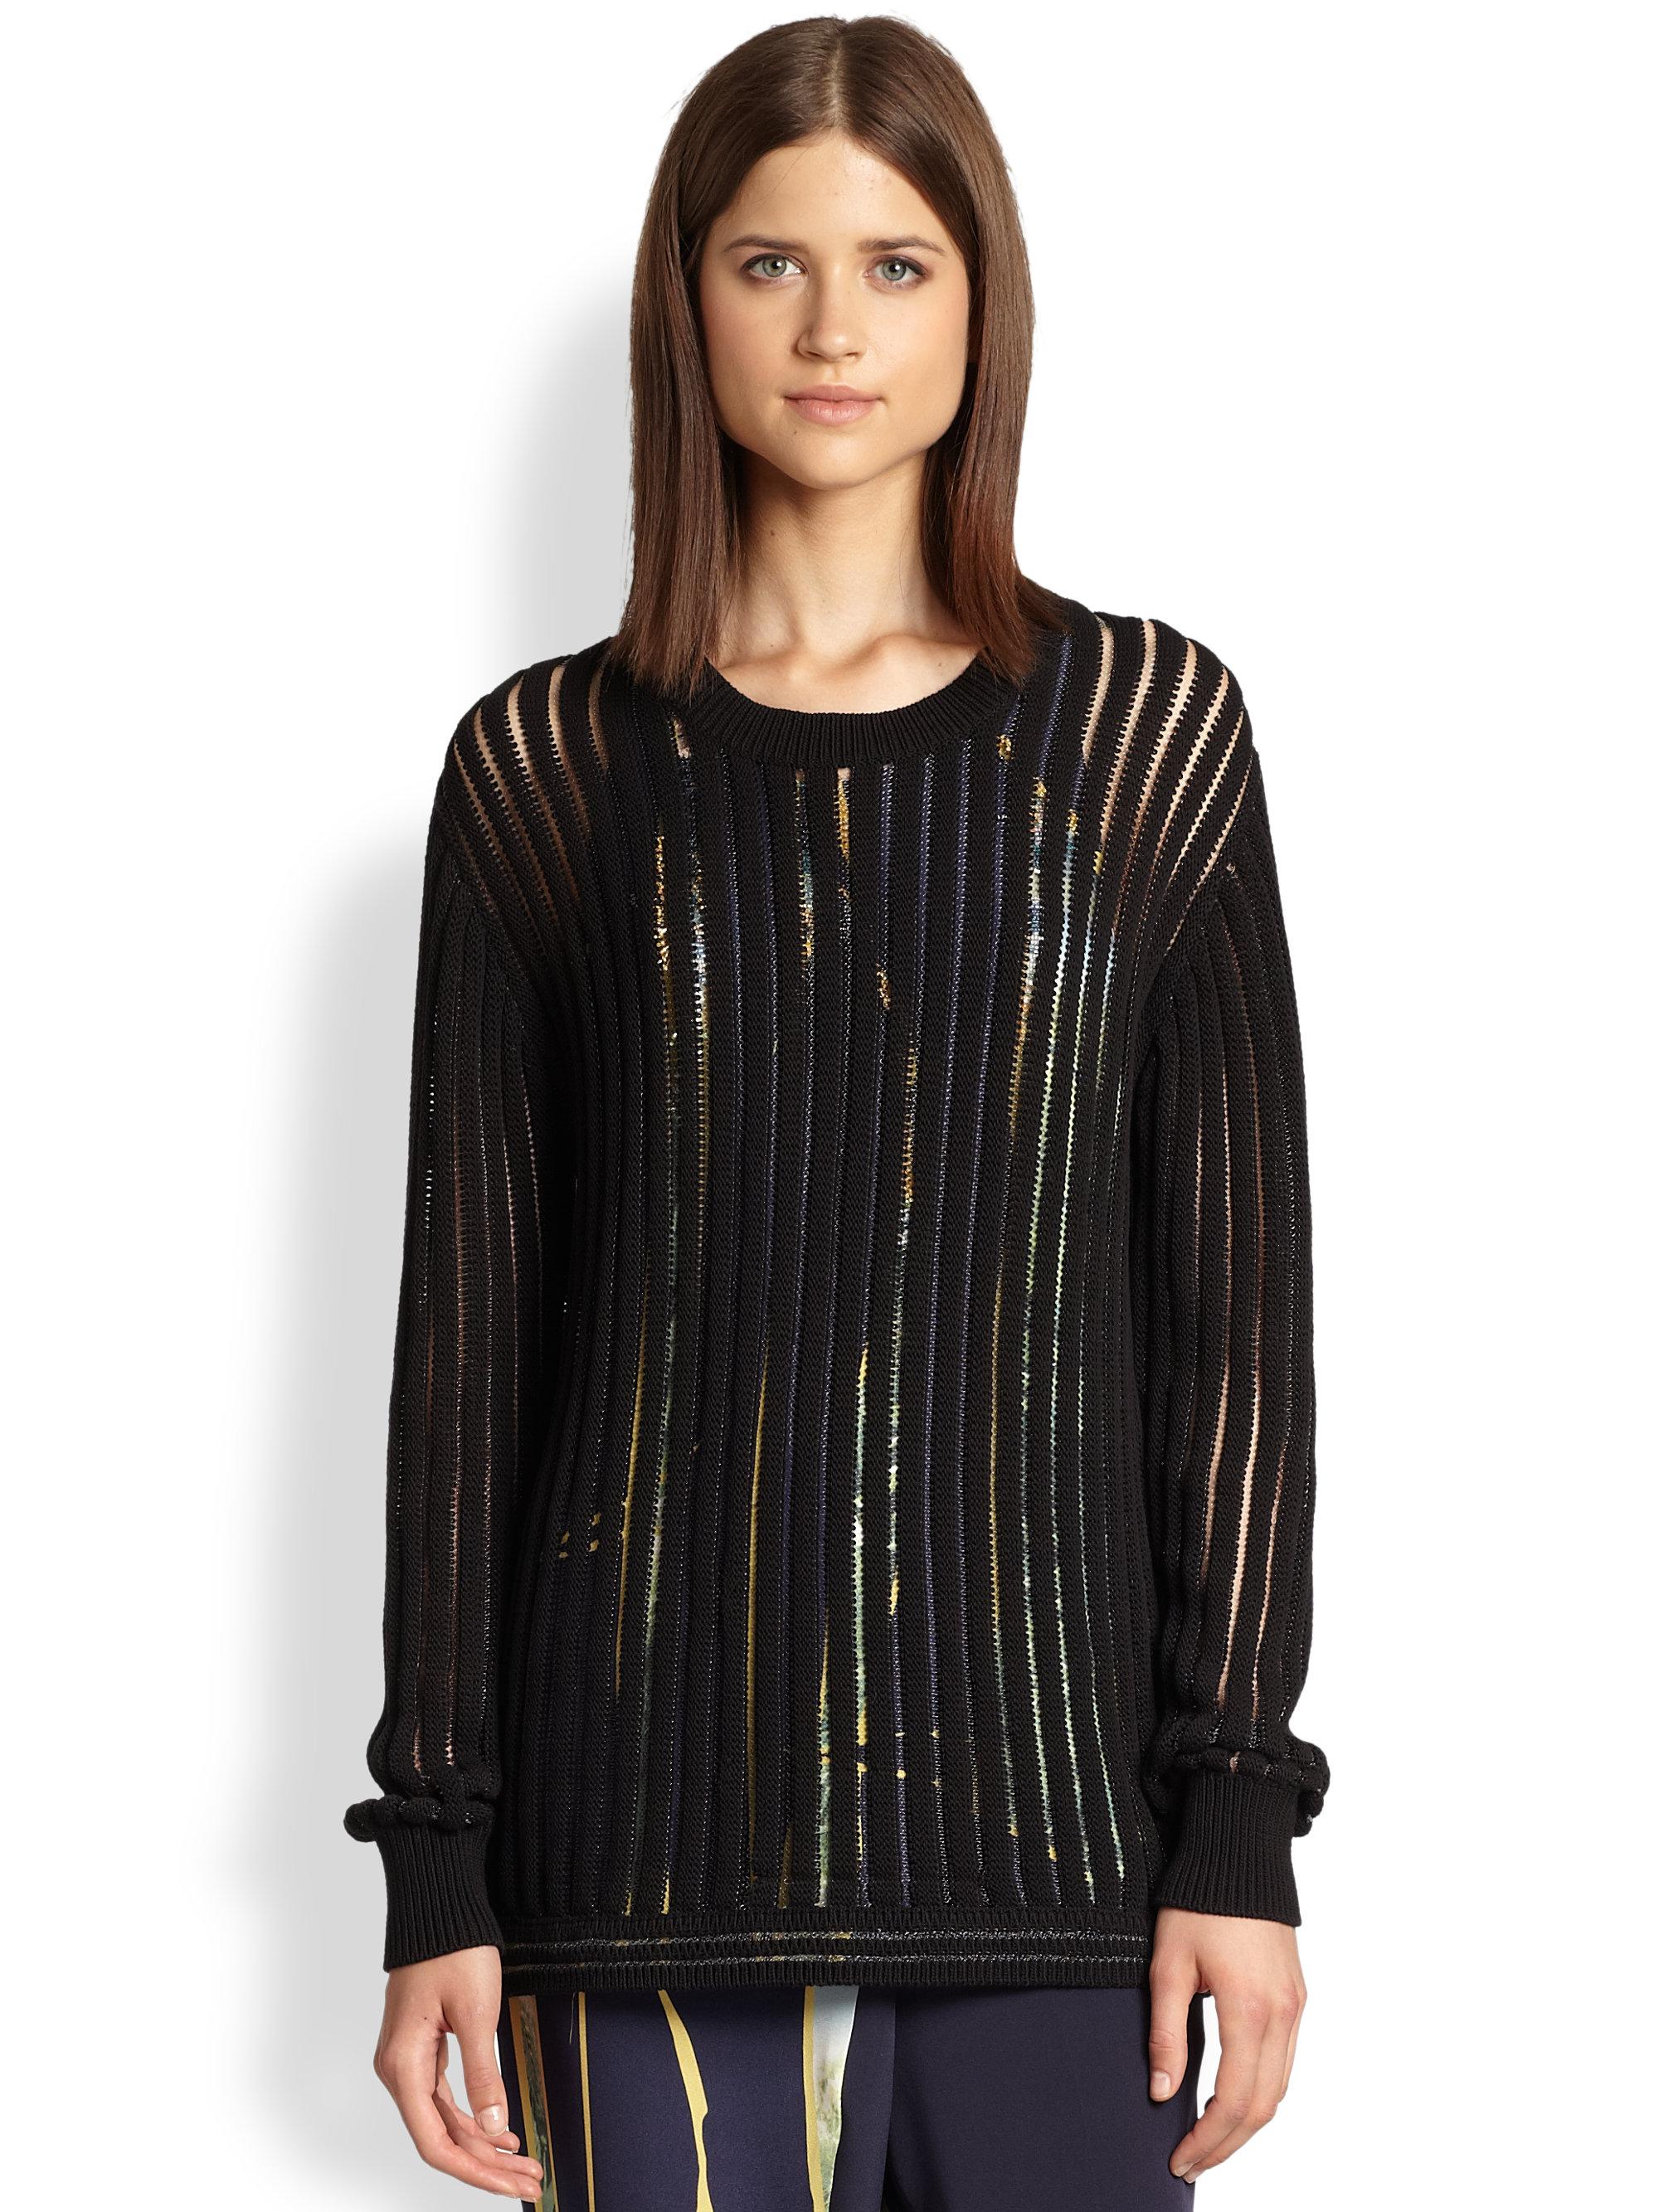 3.1 phillip lim Boyfriend Pullover Sweater in Black | Lyst